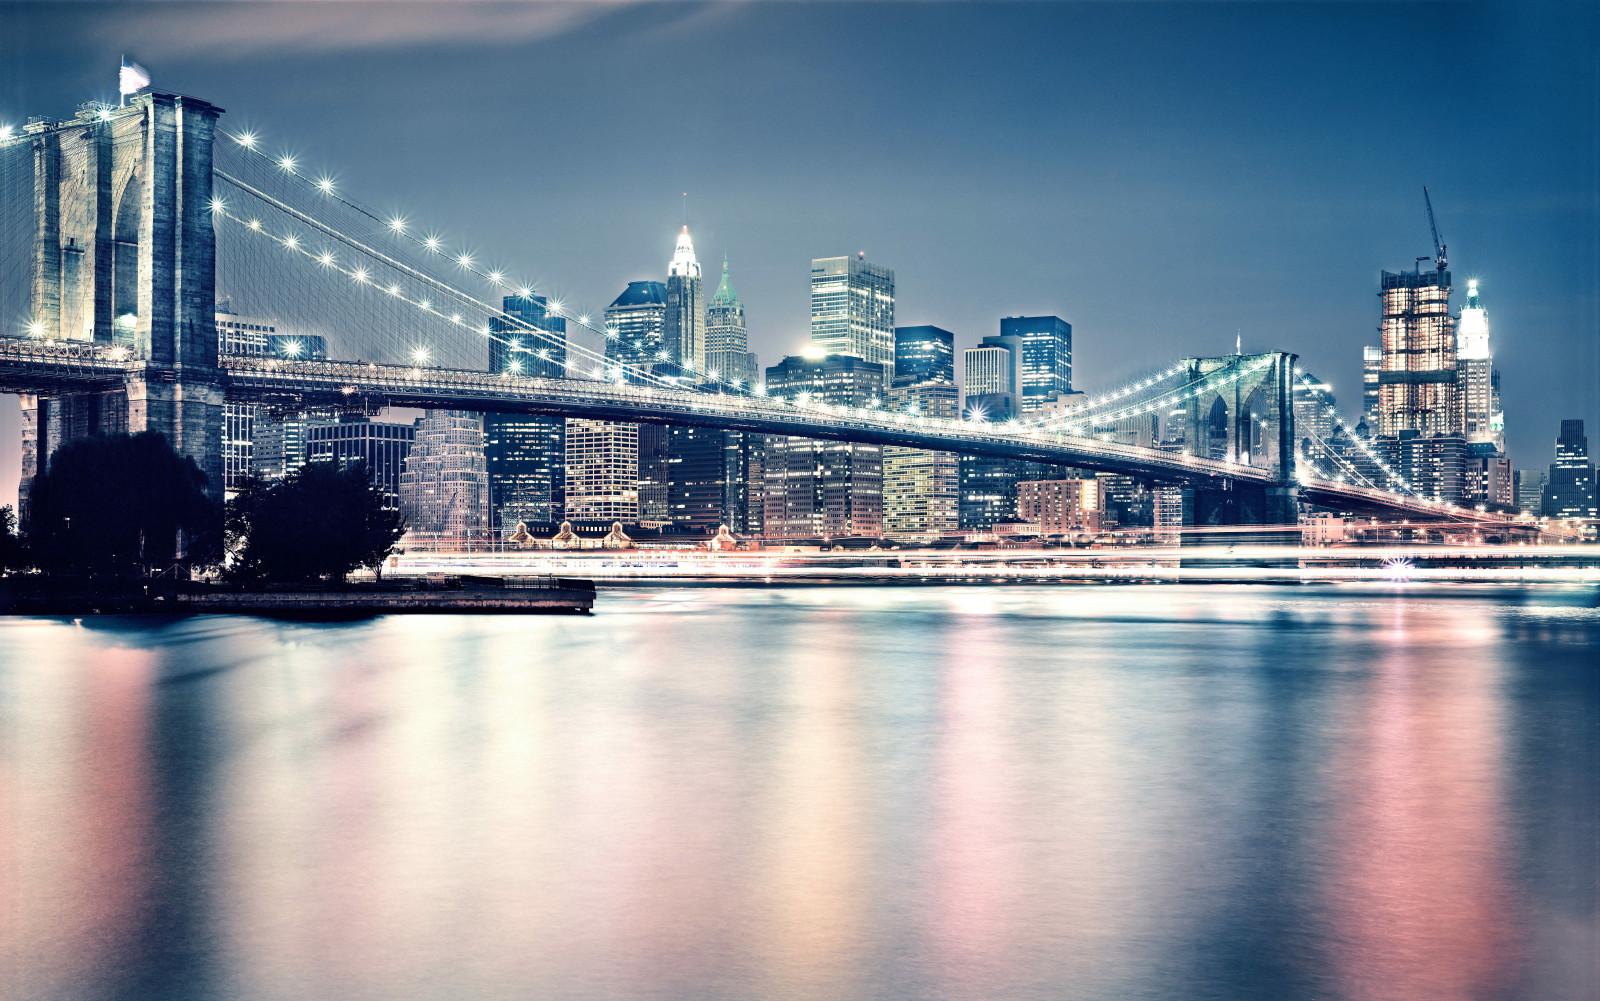 картинки городами красивые